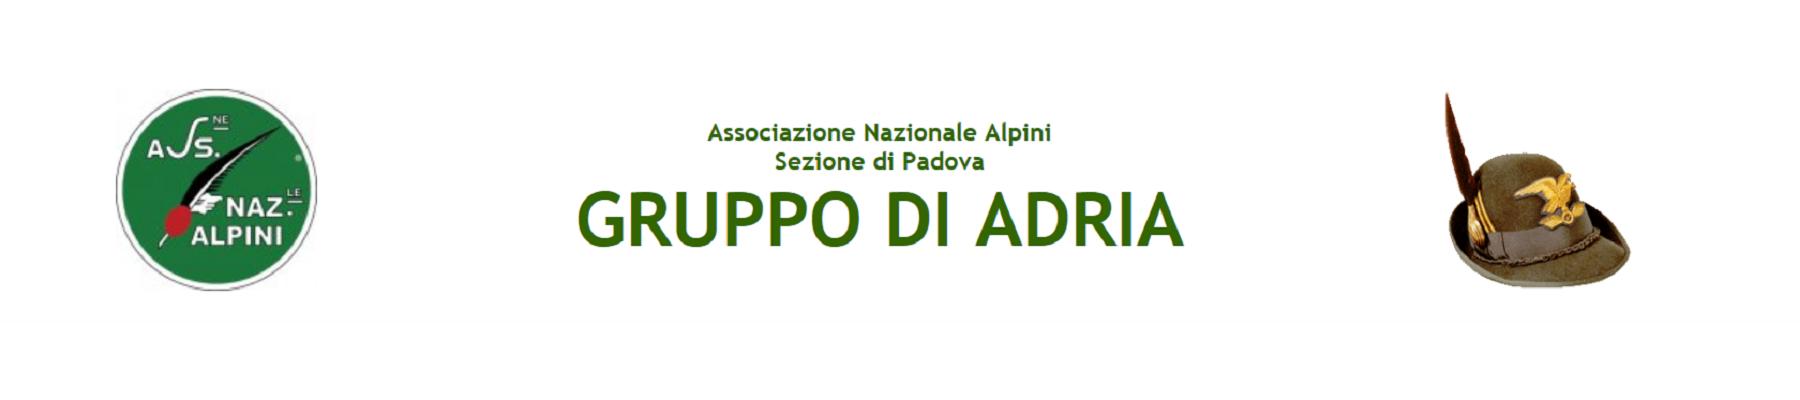 Gruppo Alpini Adria